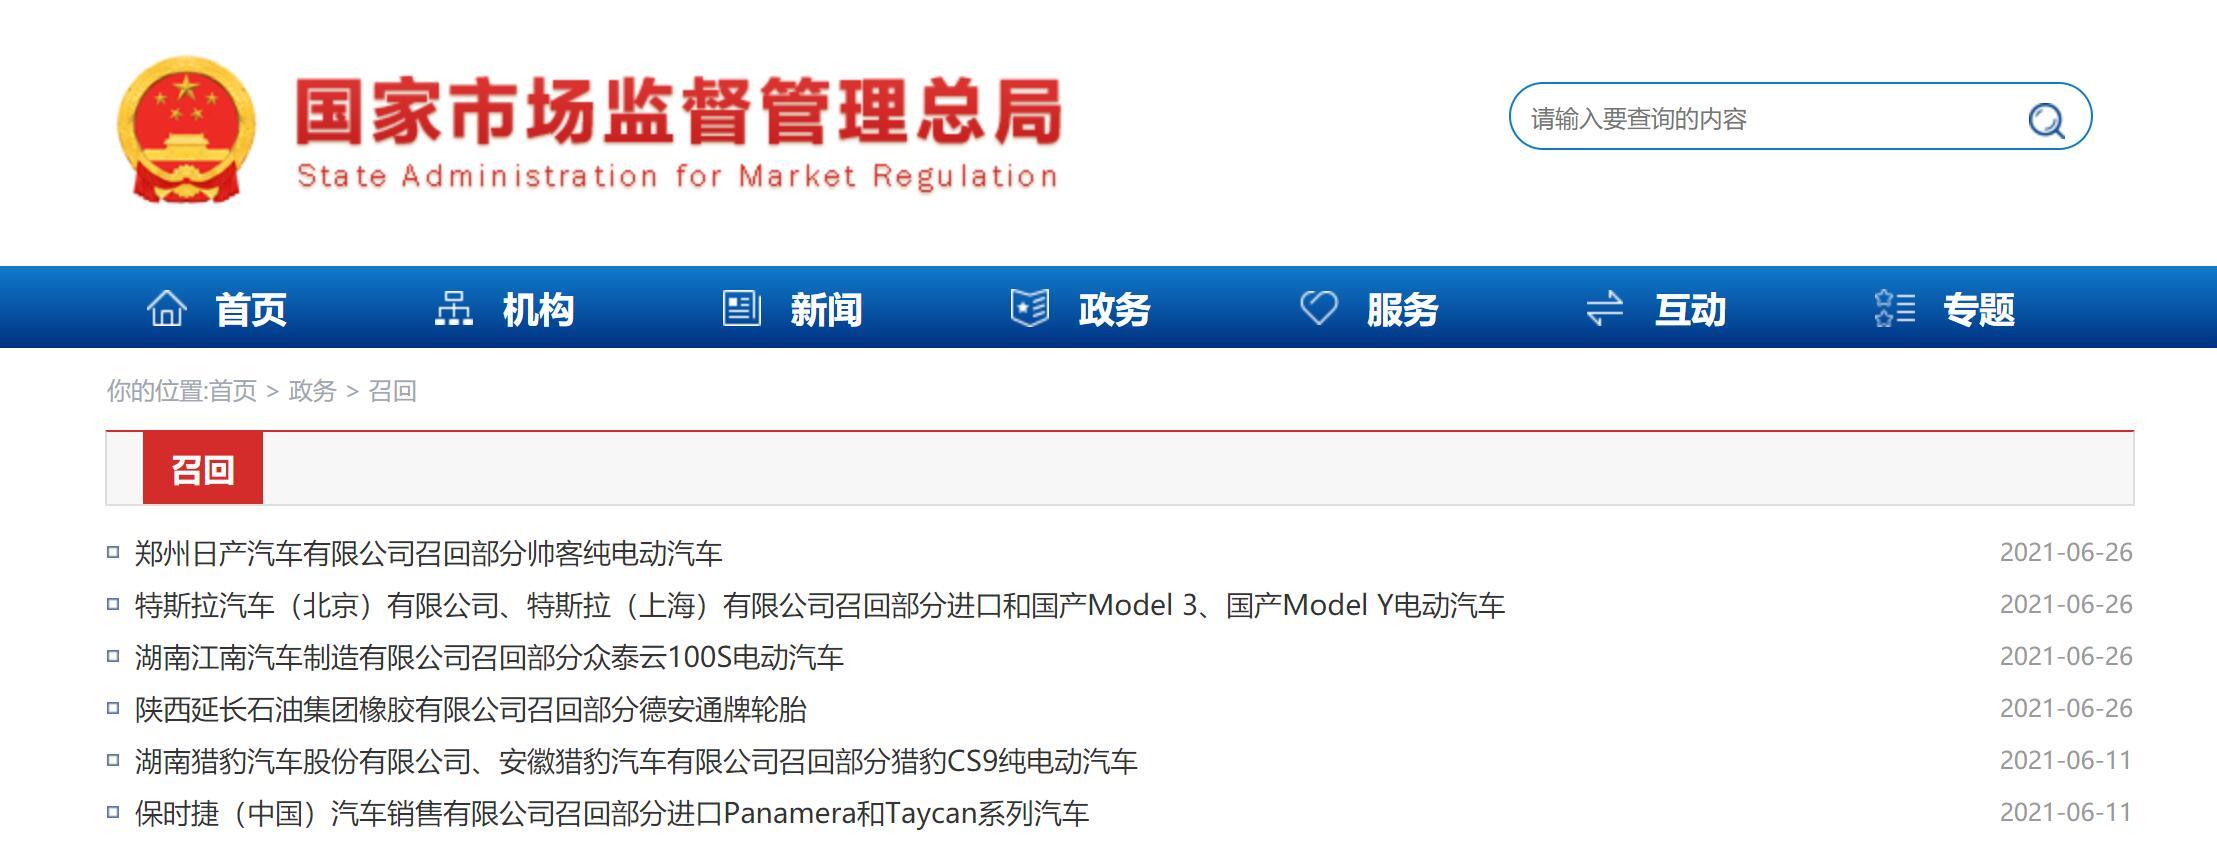 国家市场监督管理总局网站截图